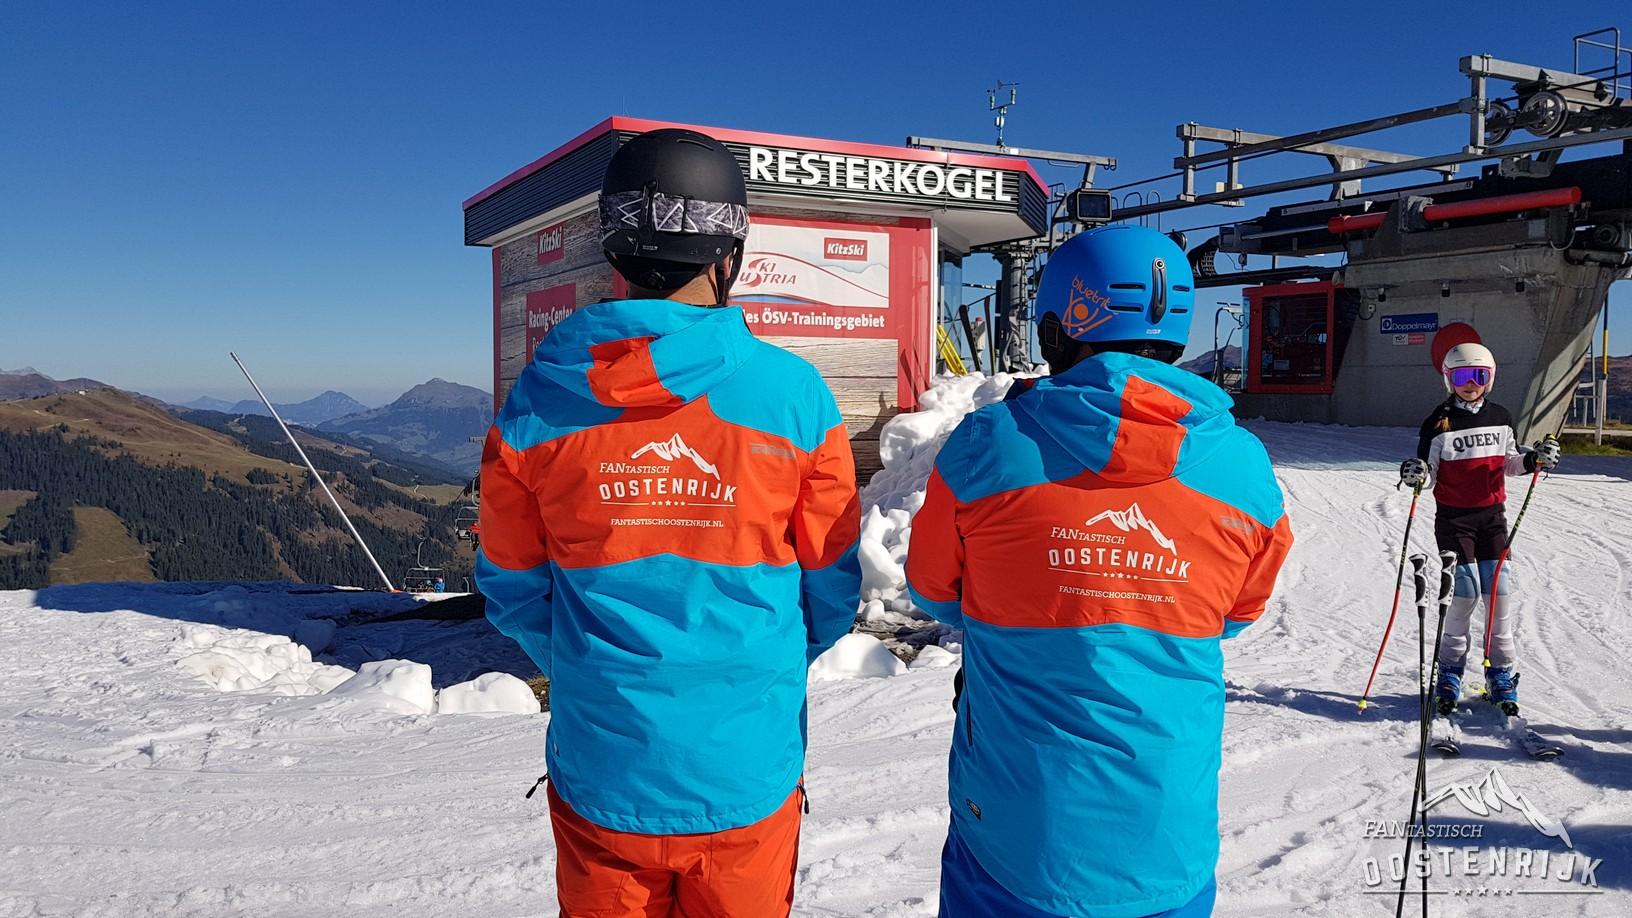 FANtastisch Oostenrijk Skipakken Rehall